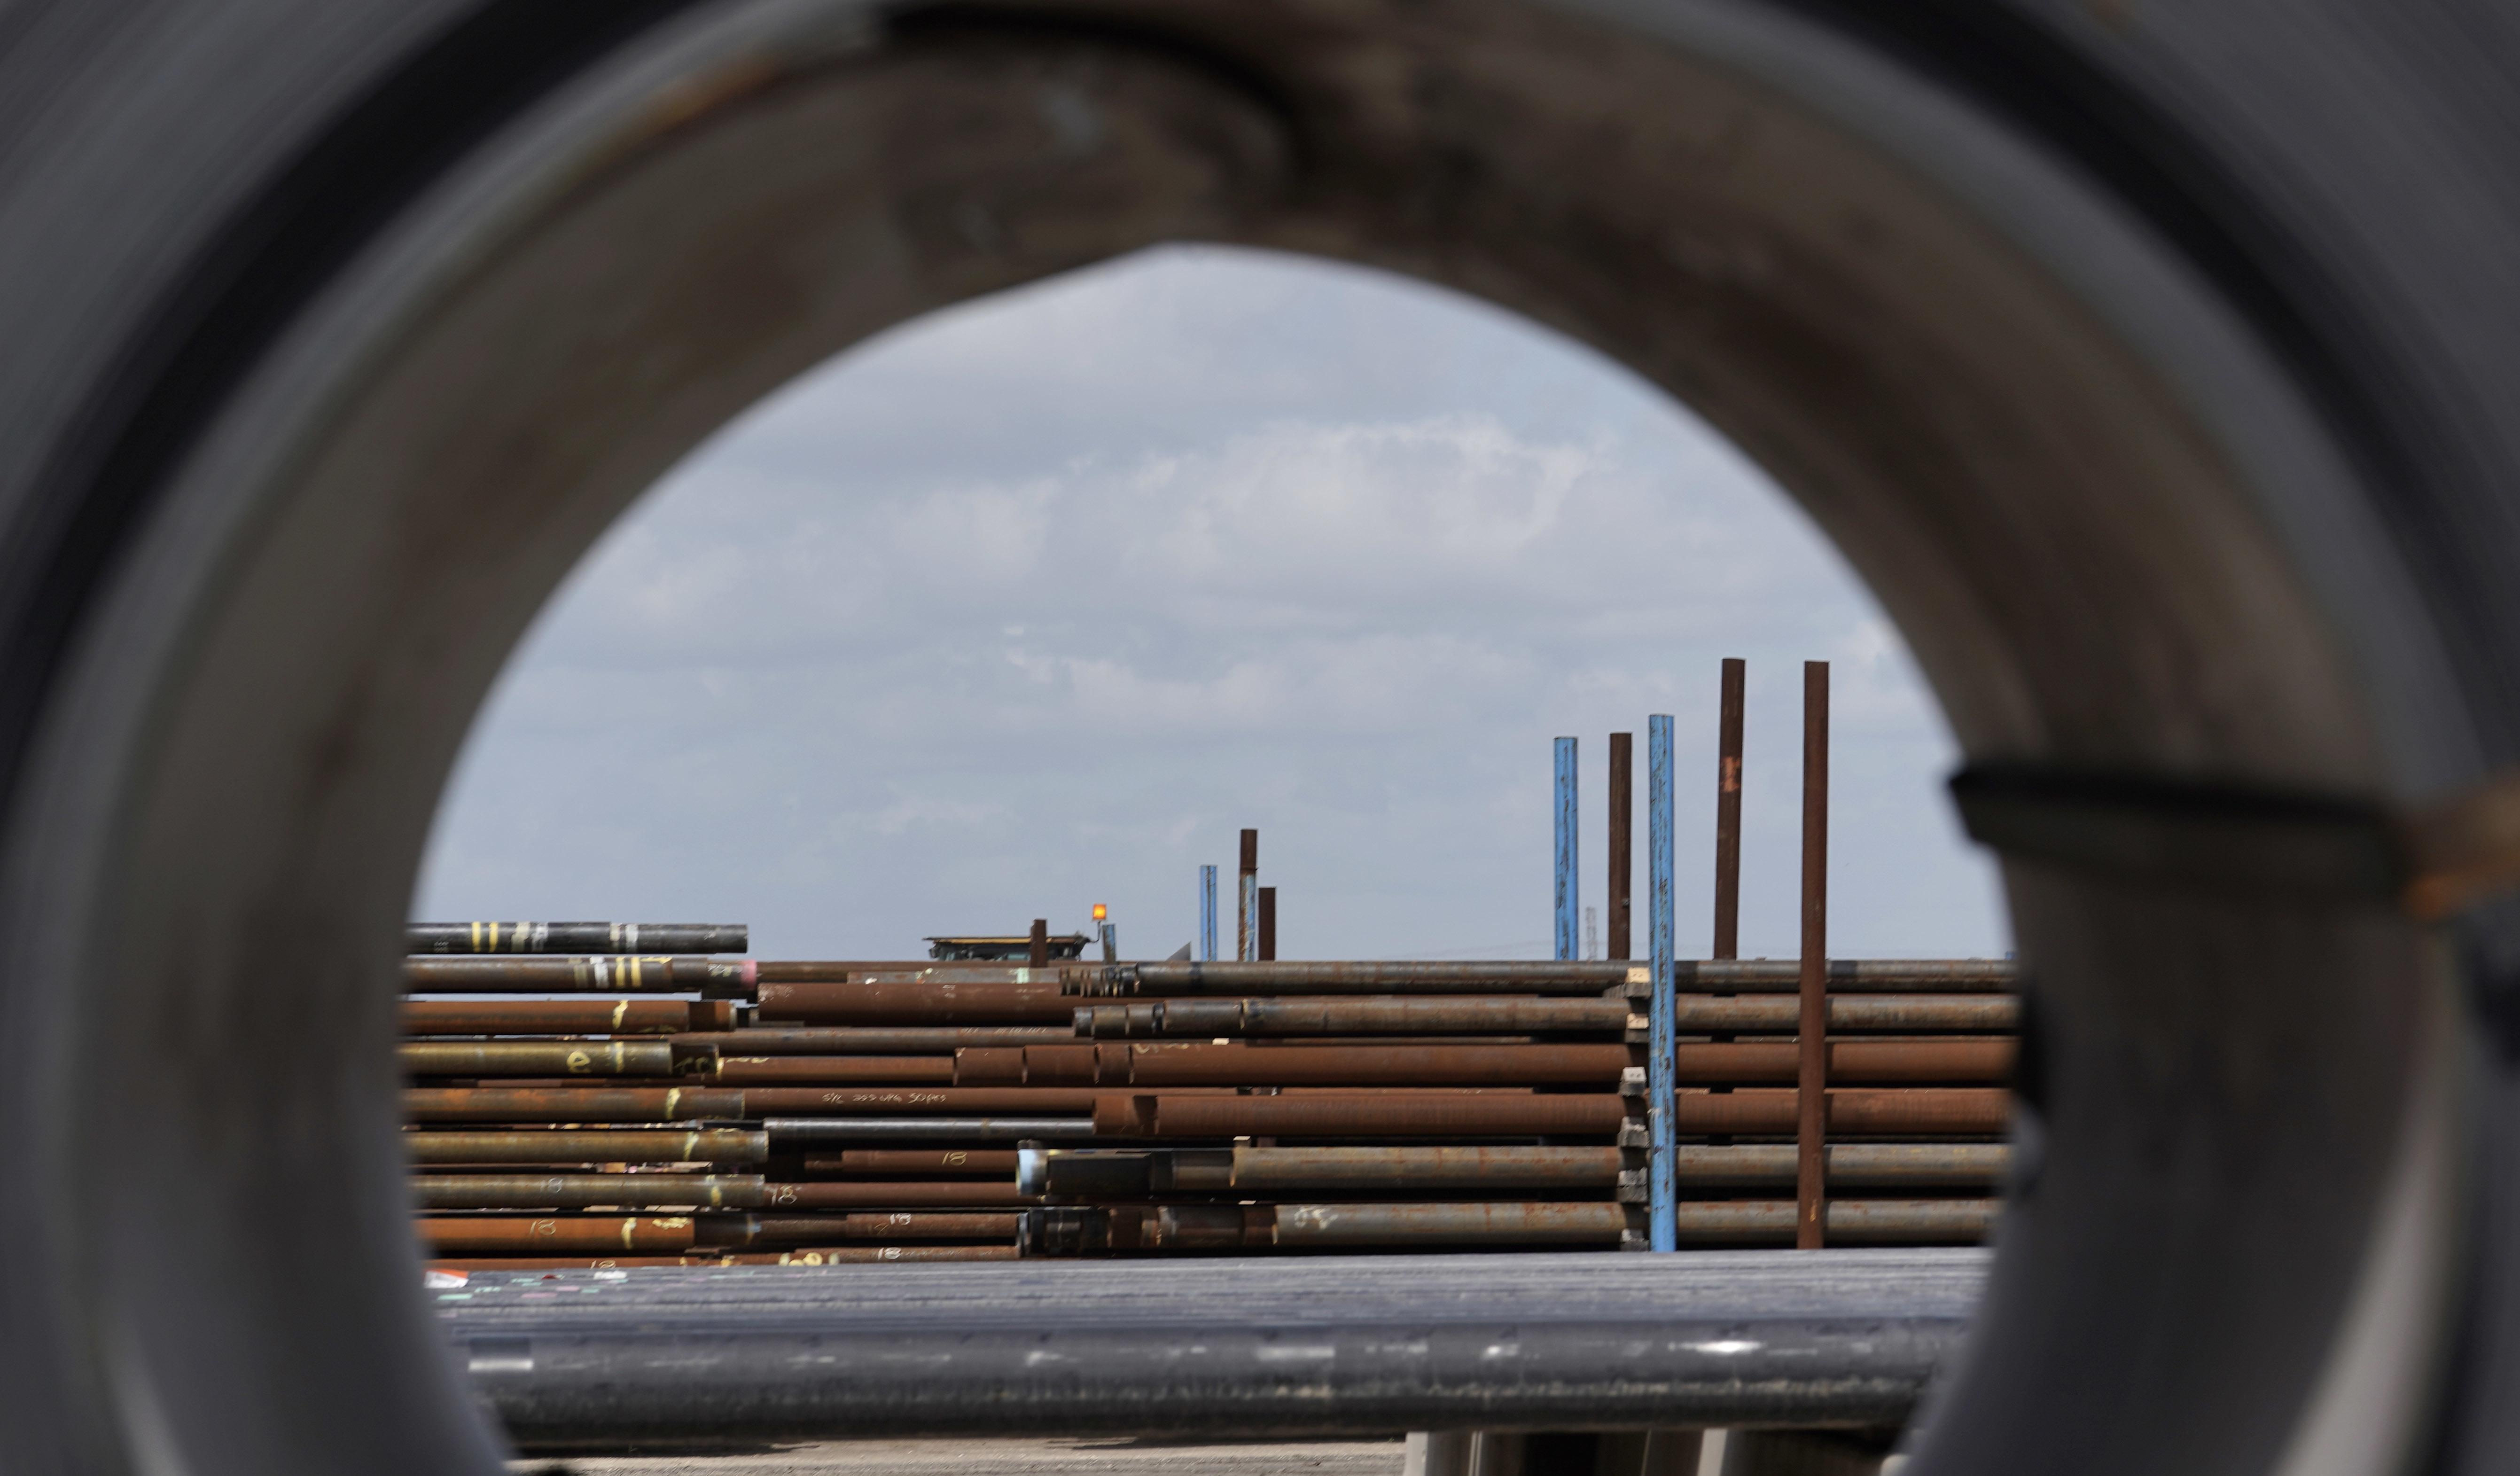 U.S. steel imports fall sharply in 2019 after Trump tariffs